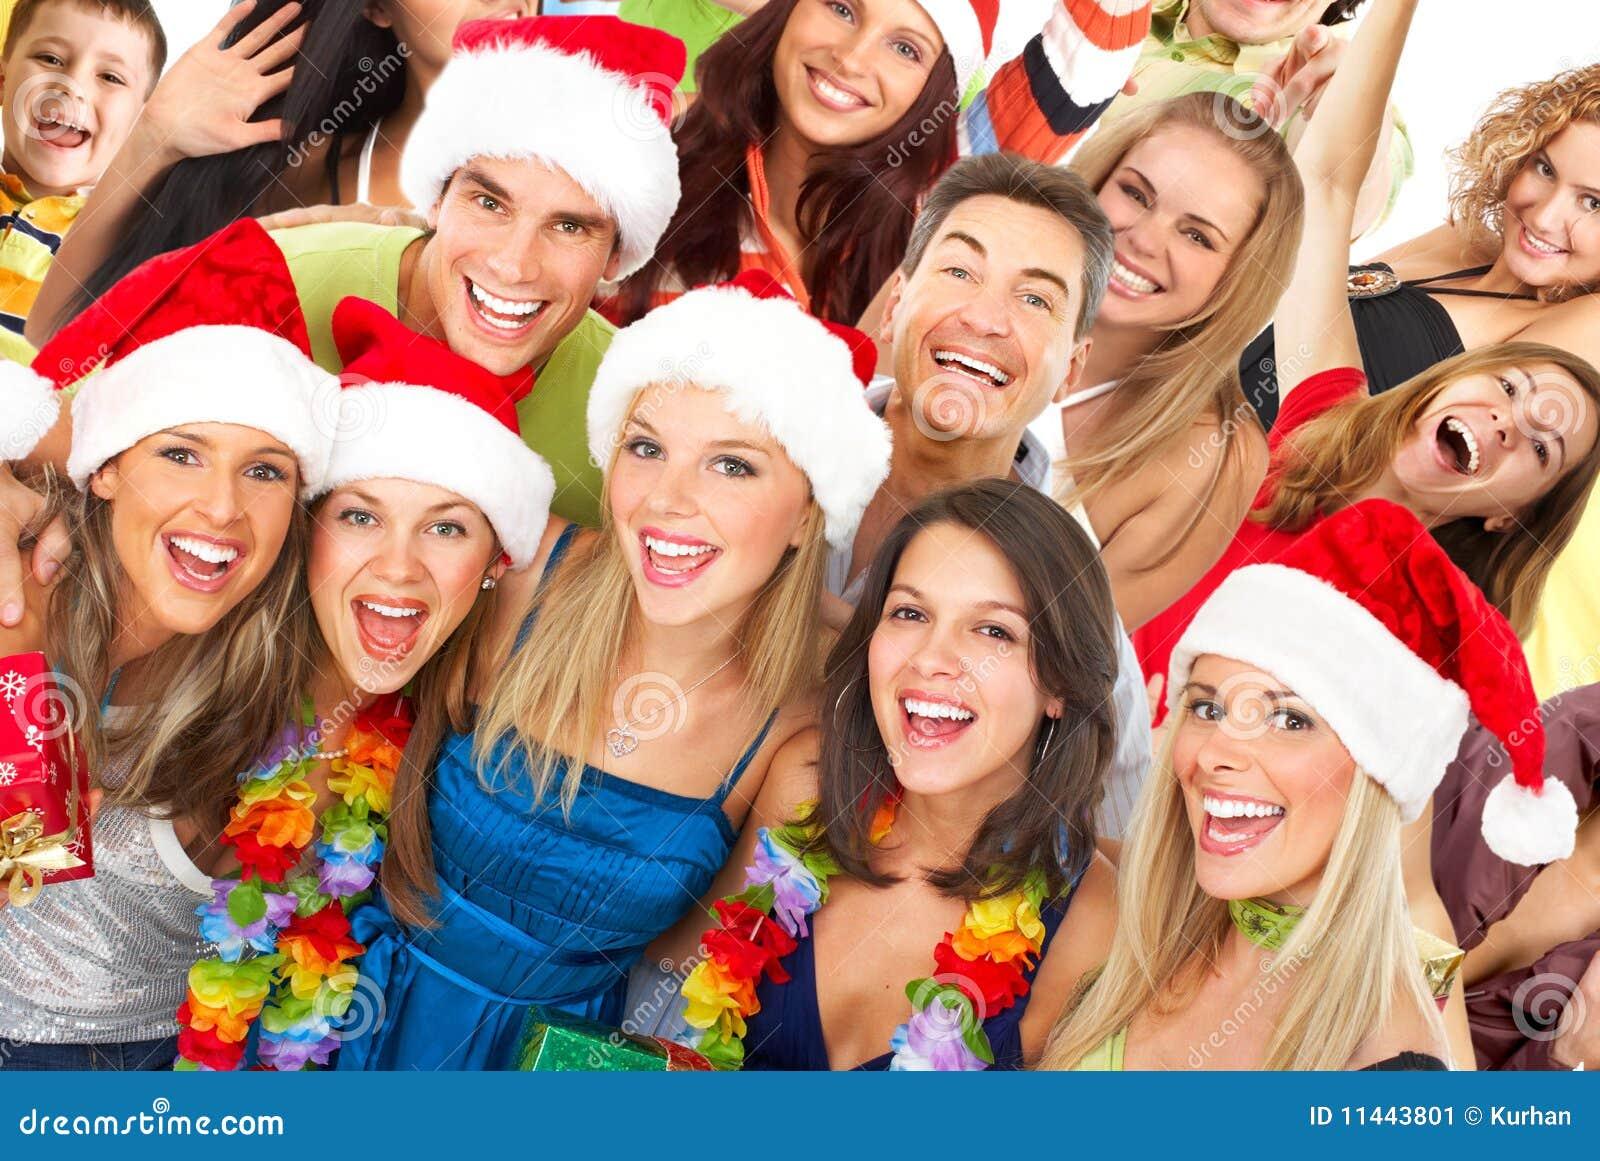 Gente Feliz En Navidad.Gente Feliz Imagen De Archivo Imagen De Navidad Belleza